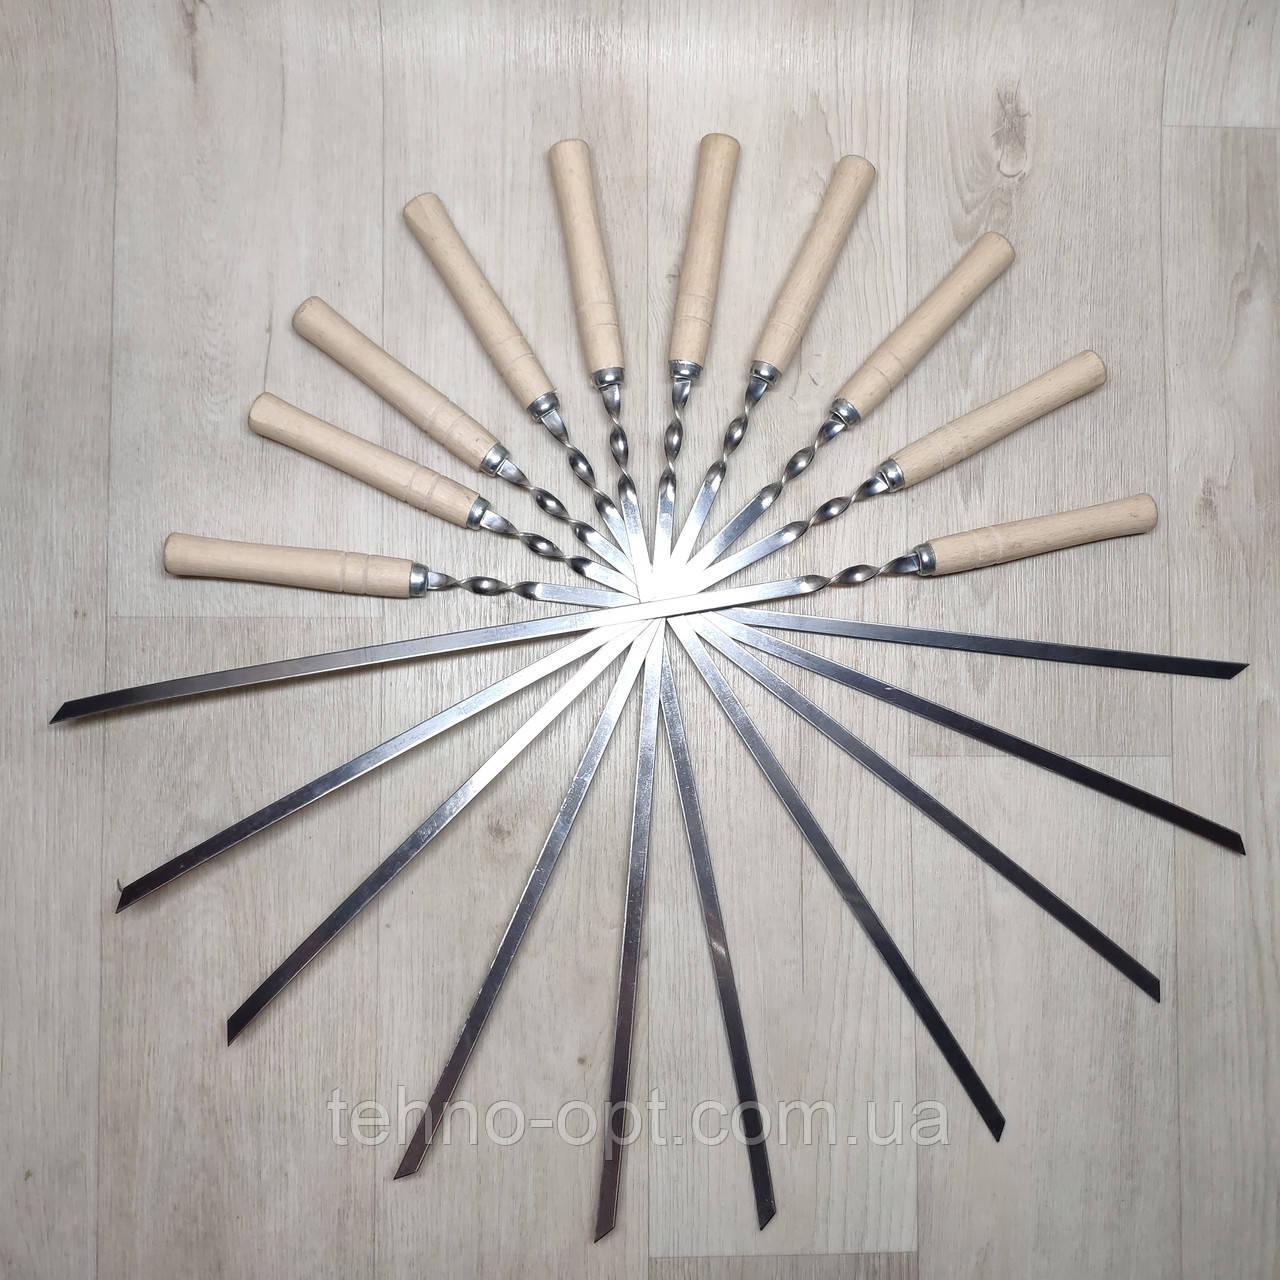 Шампура из нержавейки с деревянной ручкой длинна 60 см толщина 2 мм